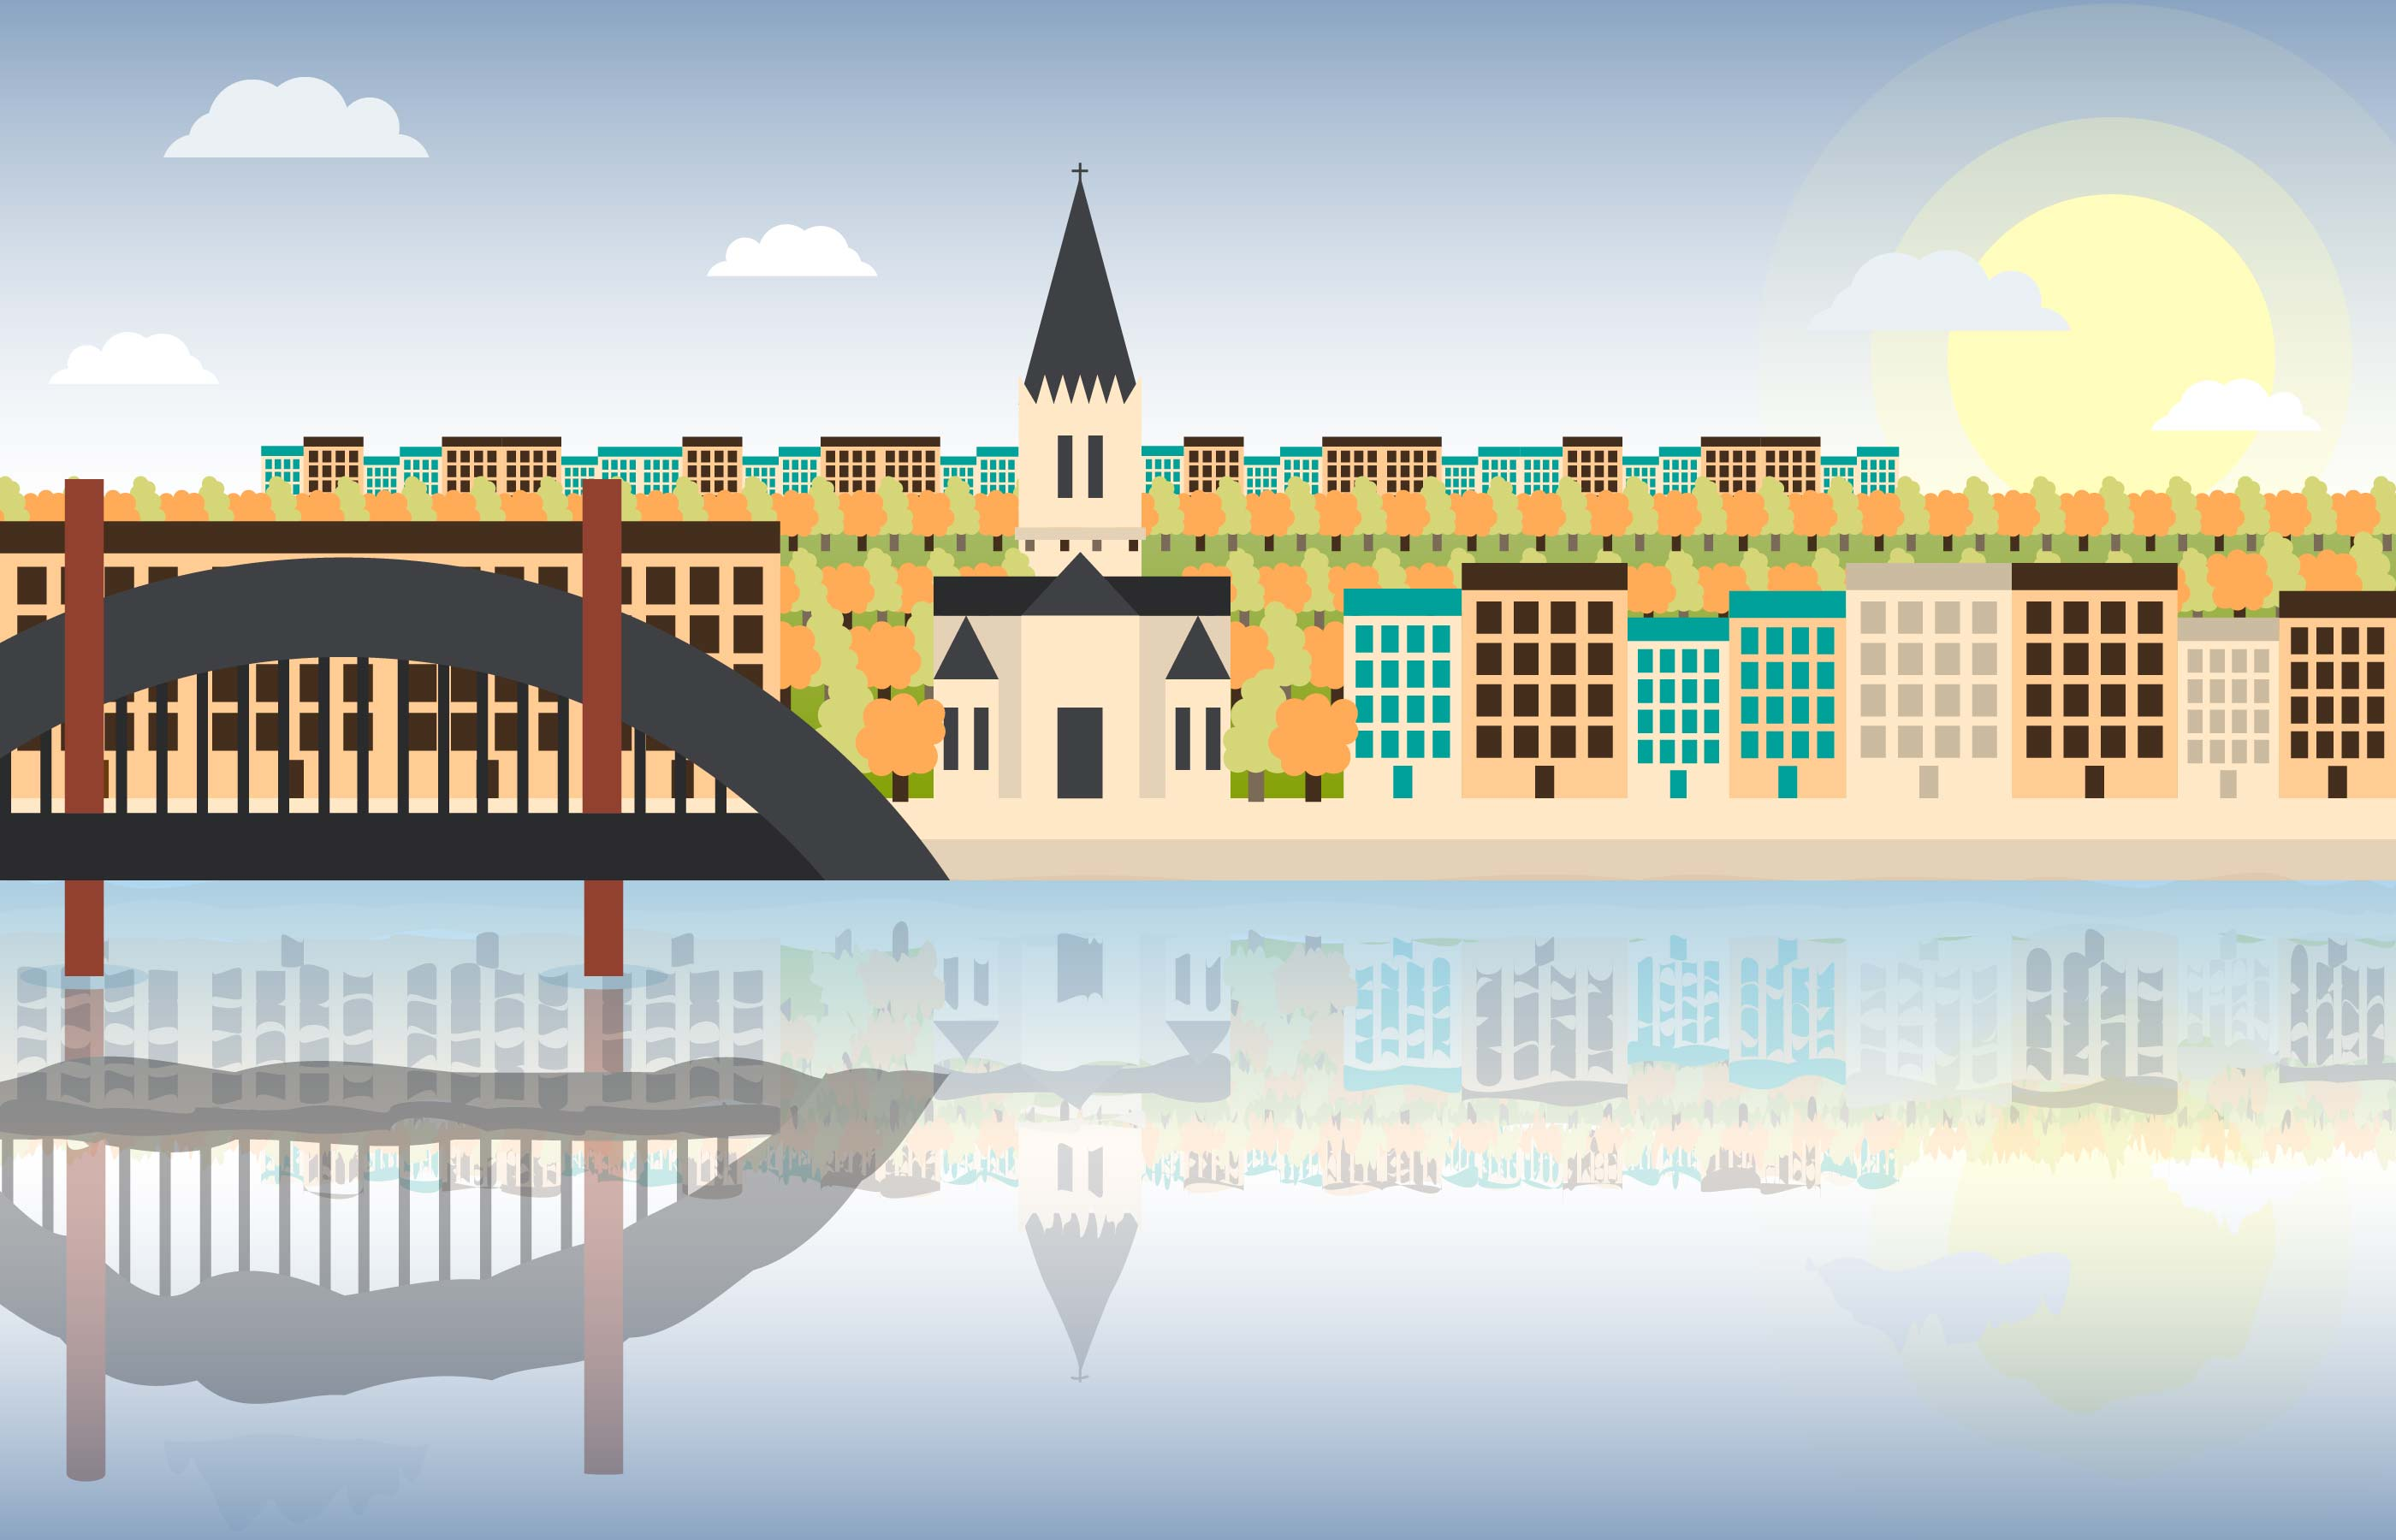 Town Landscape Vector Illustration: Lyon City Landscape Flat Illustration Vector